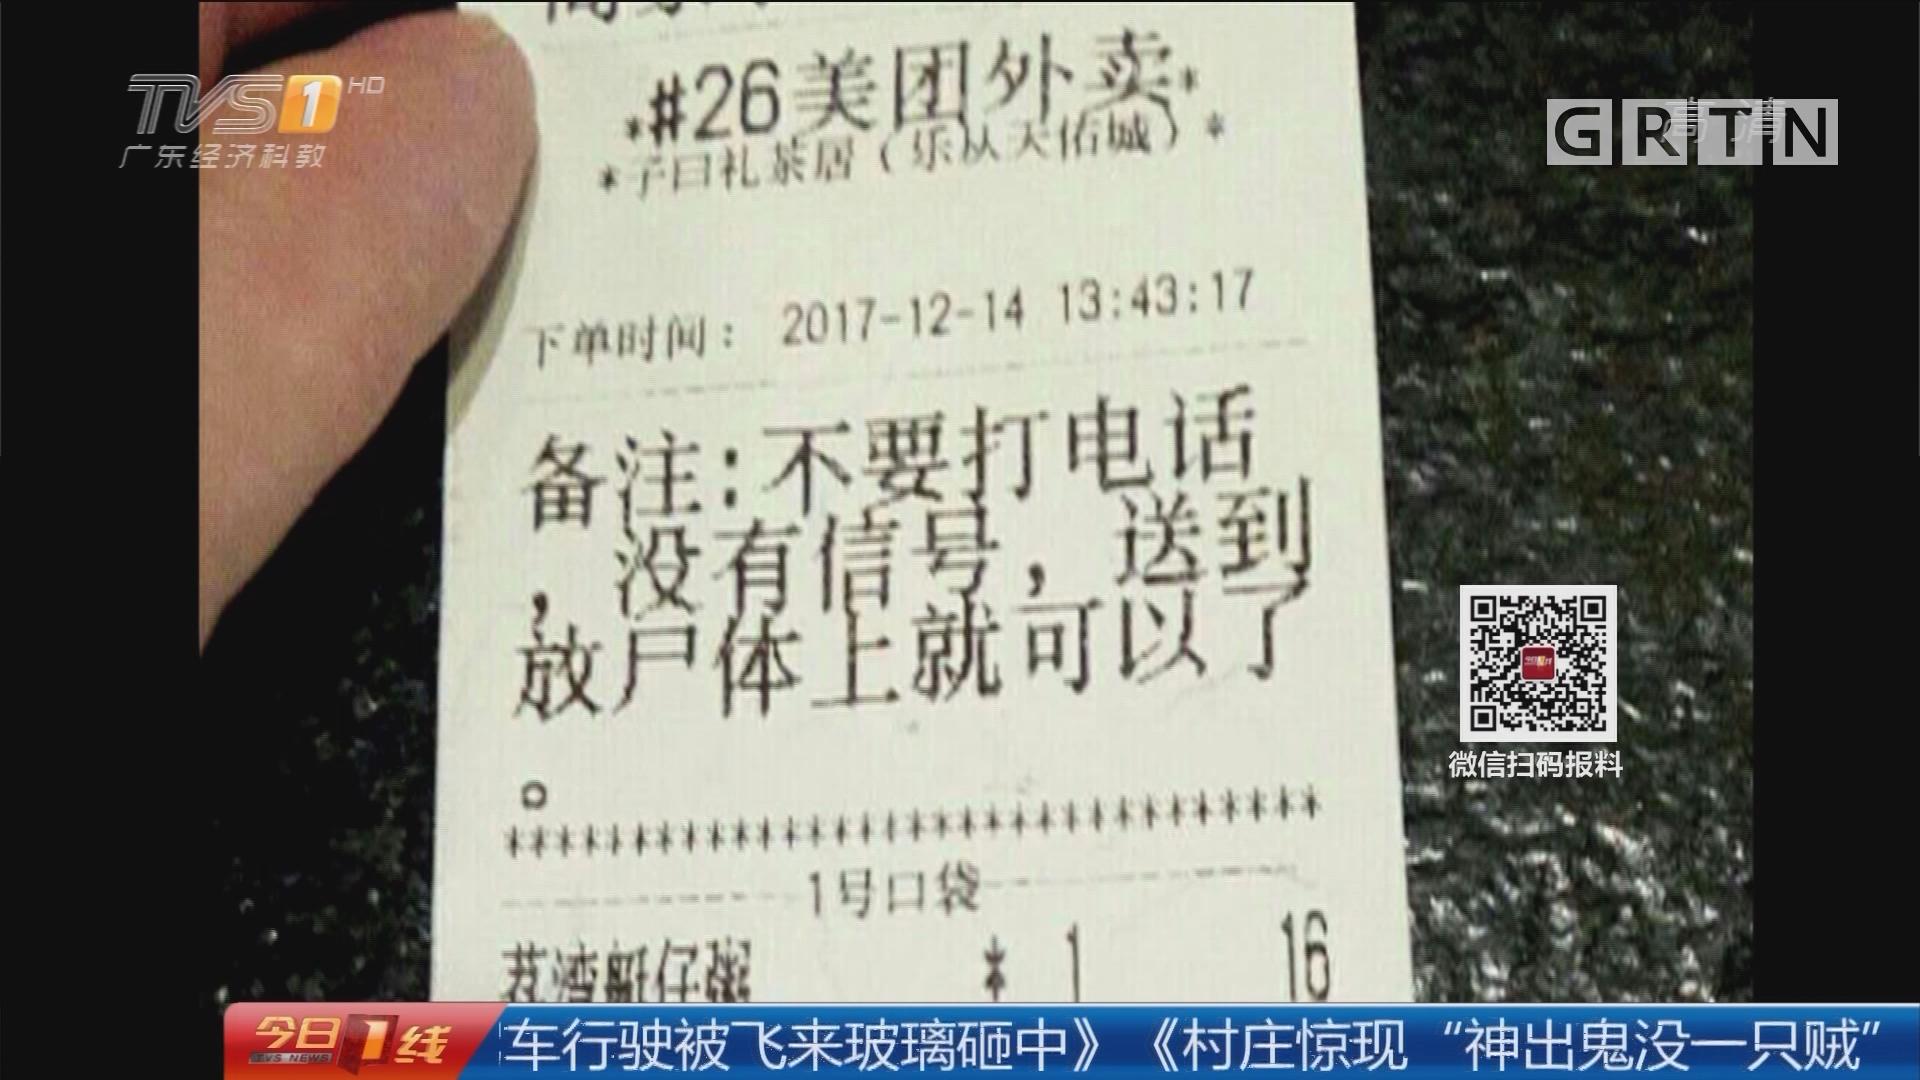 佛山顺德:外卖送至停尸间 又是恶作剧?